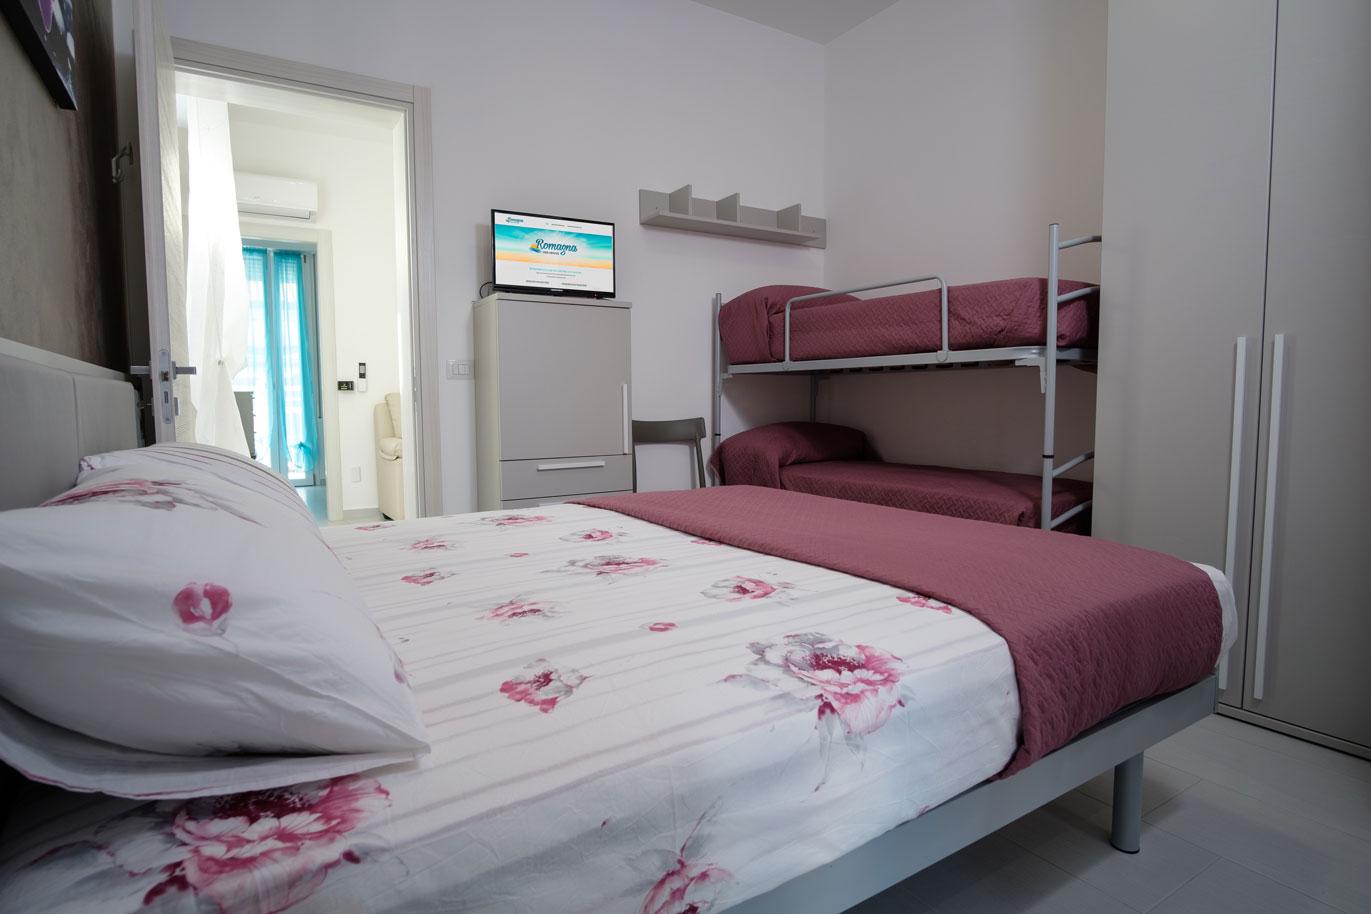 Appartamenti-San-Mauro-mare-5